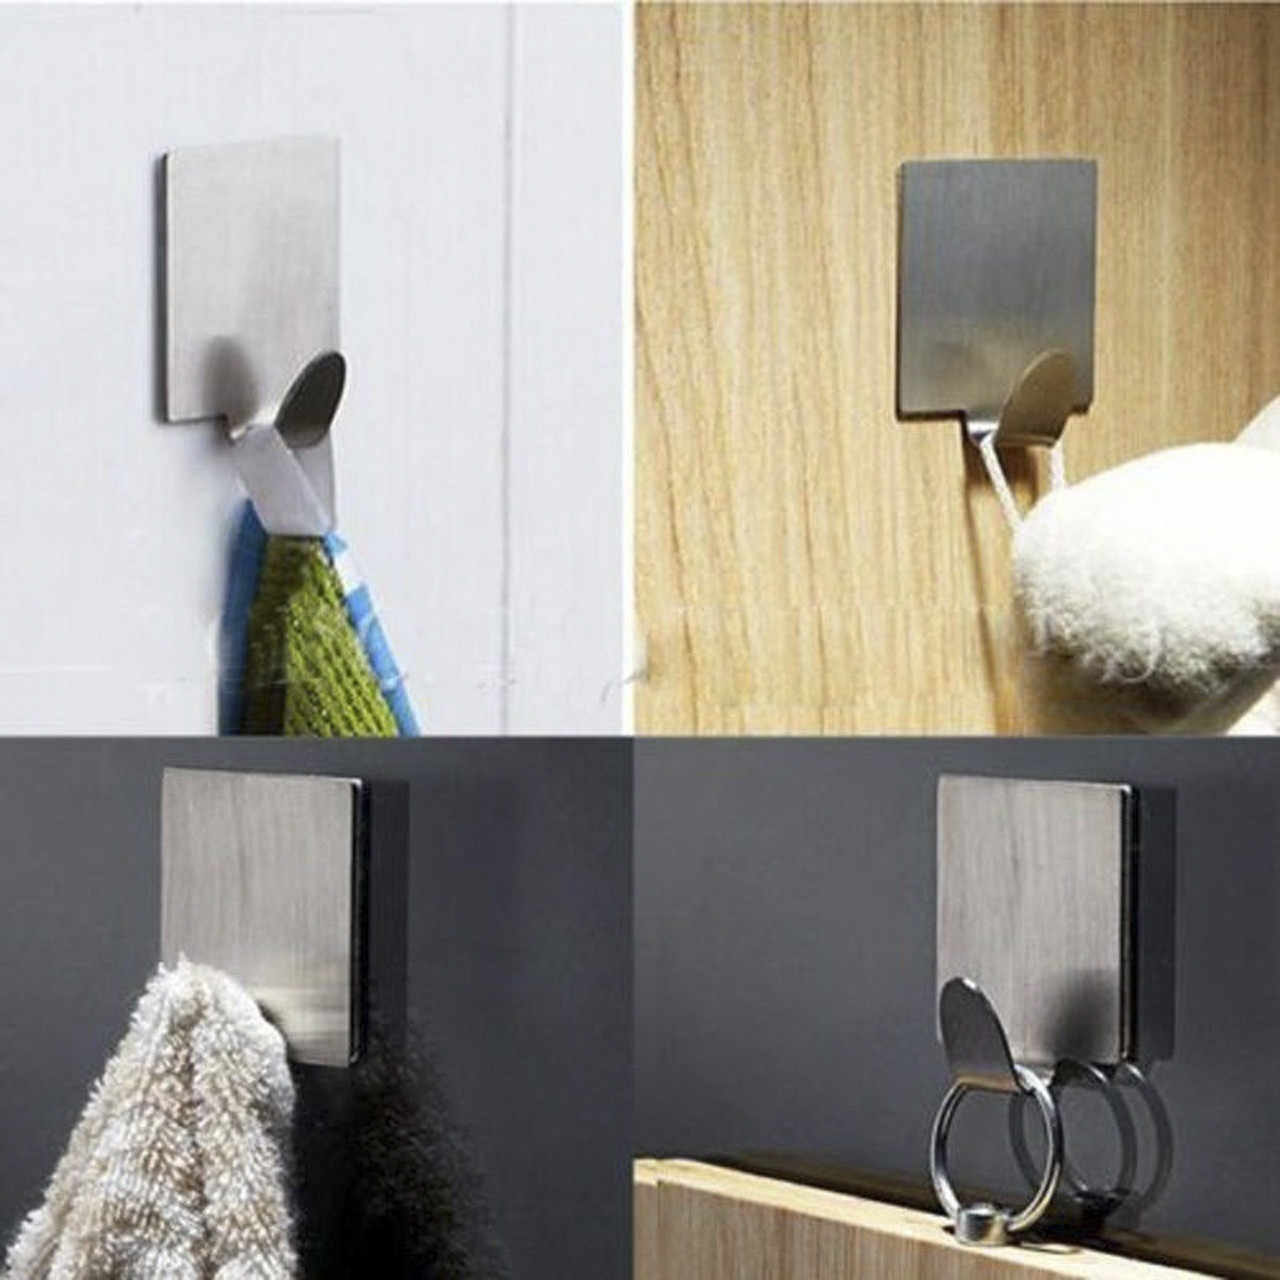 6Pcs Self-adhesive อะไหล่ในครัวเรือนผนังห้องครัวสแตนเลสตะขอแขวนที่สมบูรณ์แบบสำหรับผนังห้องน้ำสะดวก